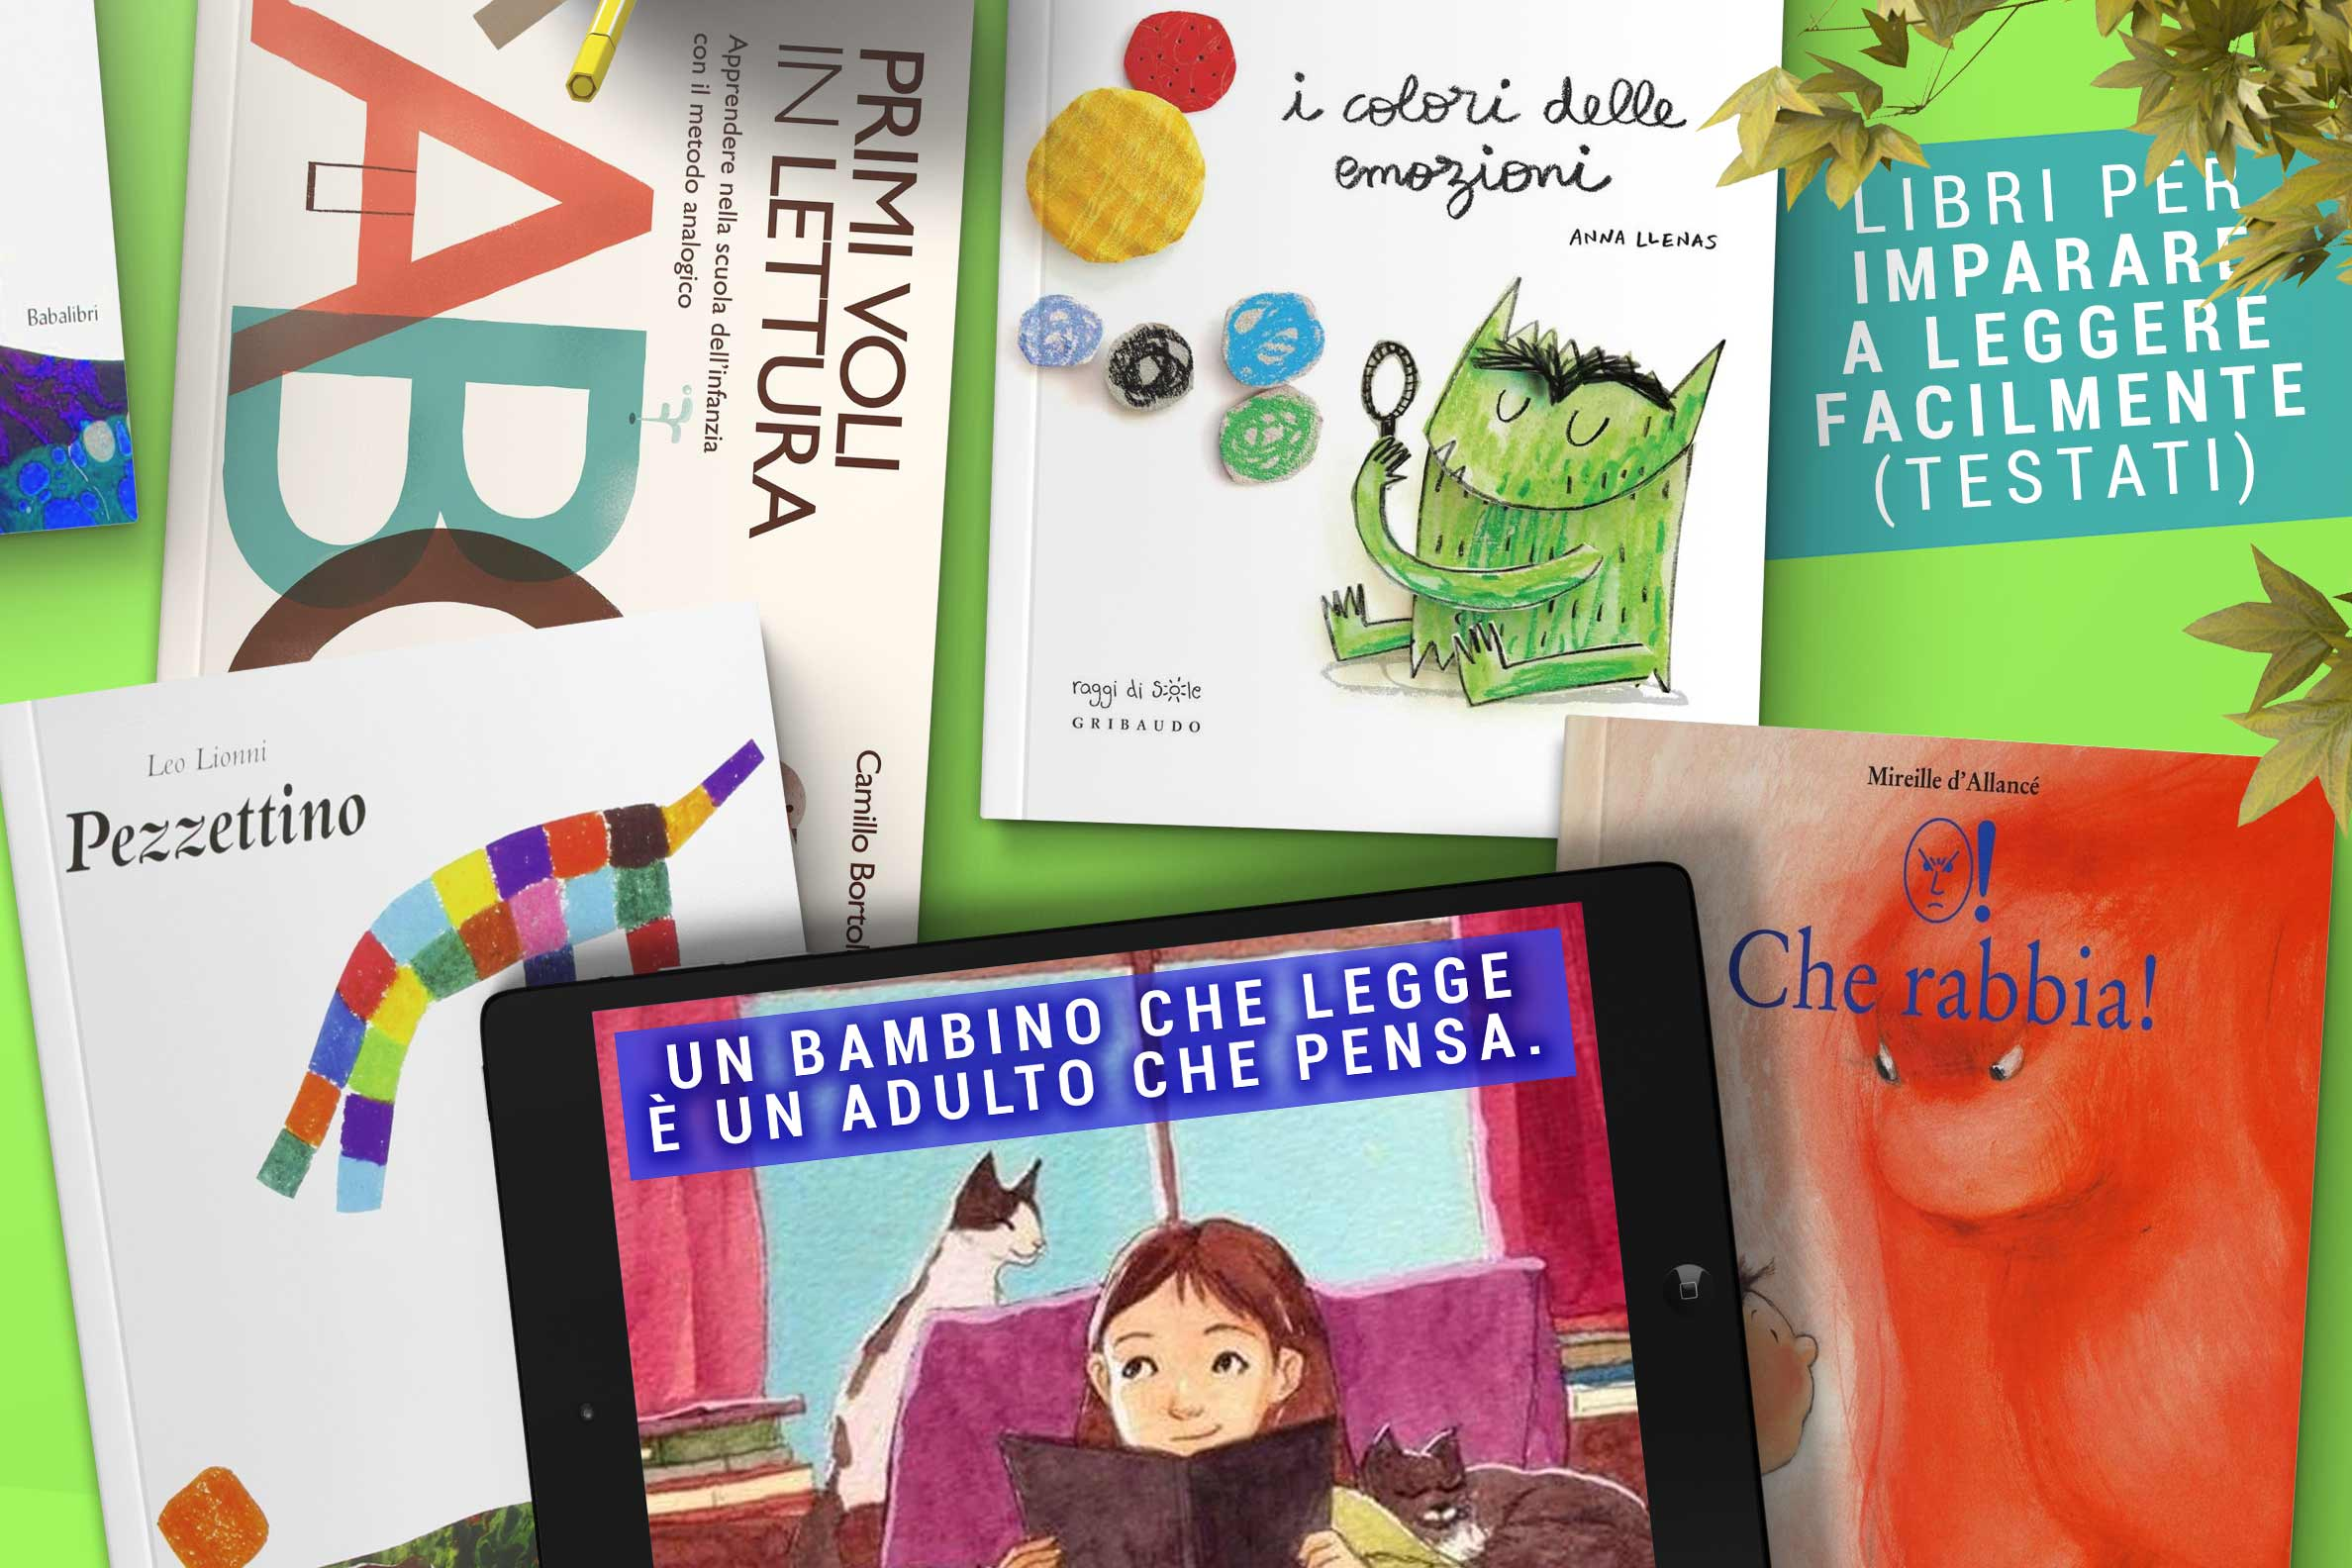 libri-per-imparare-a-leggere